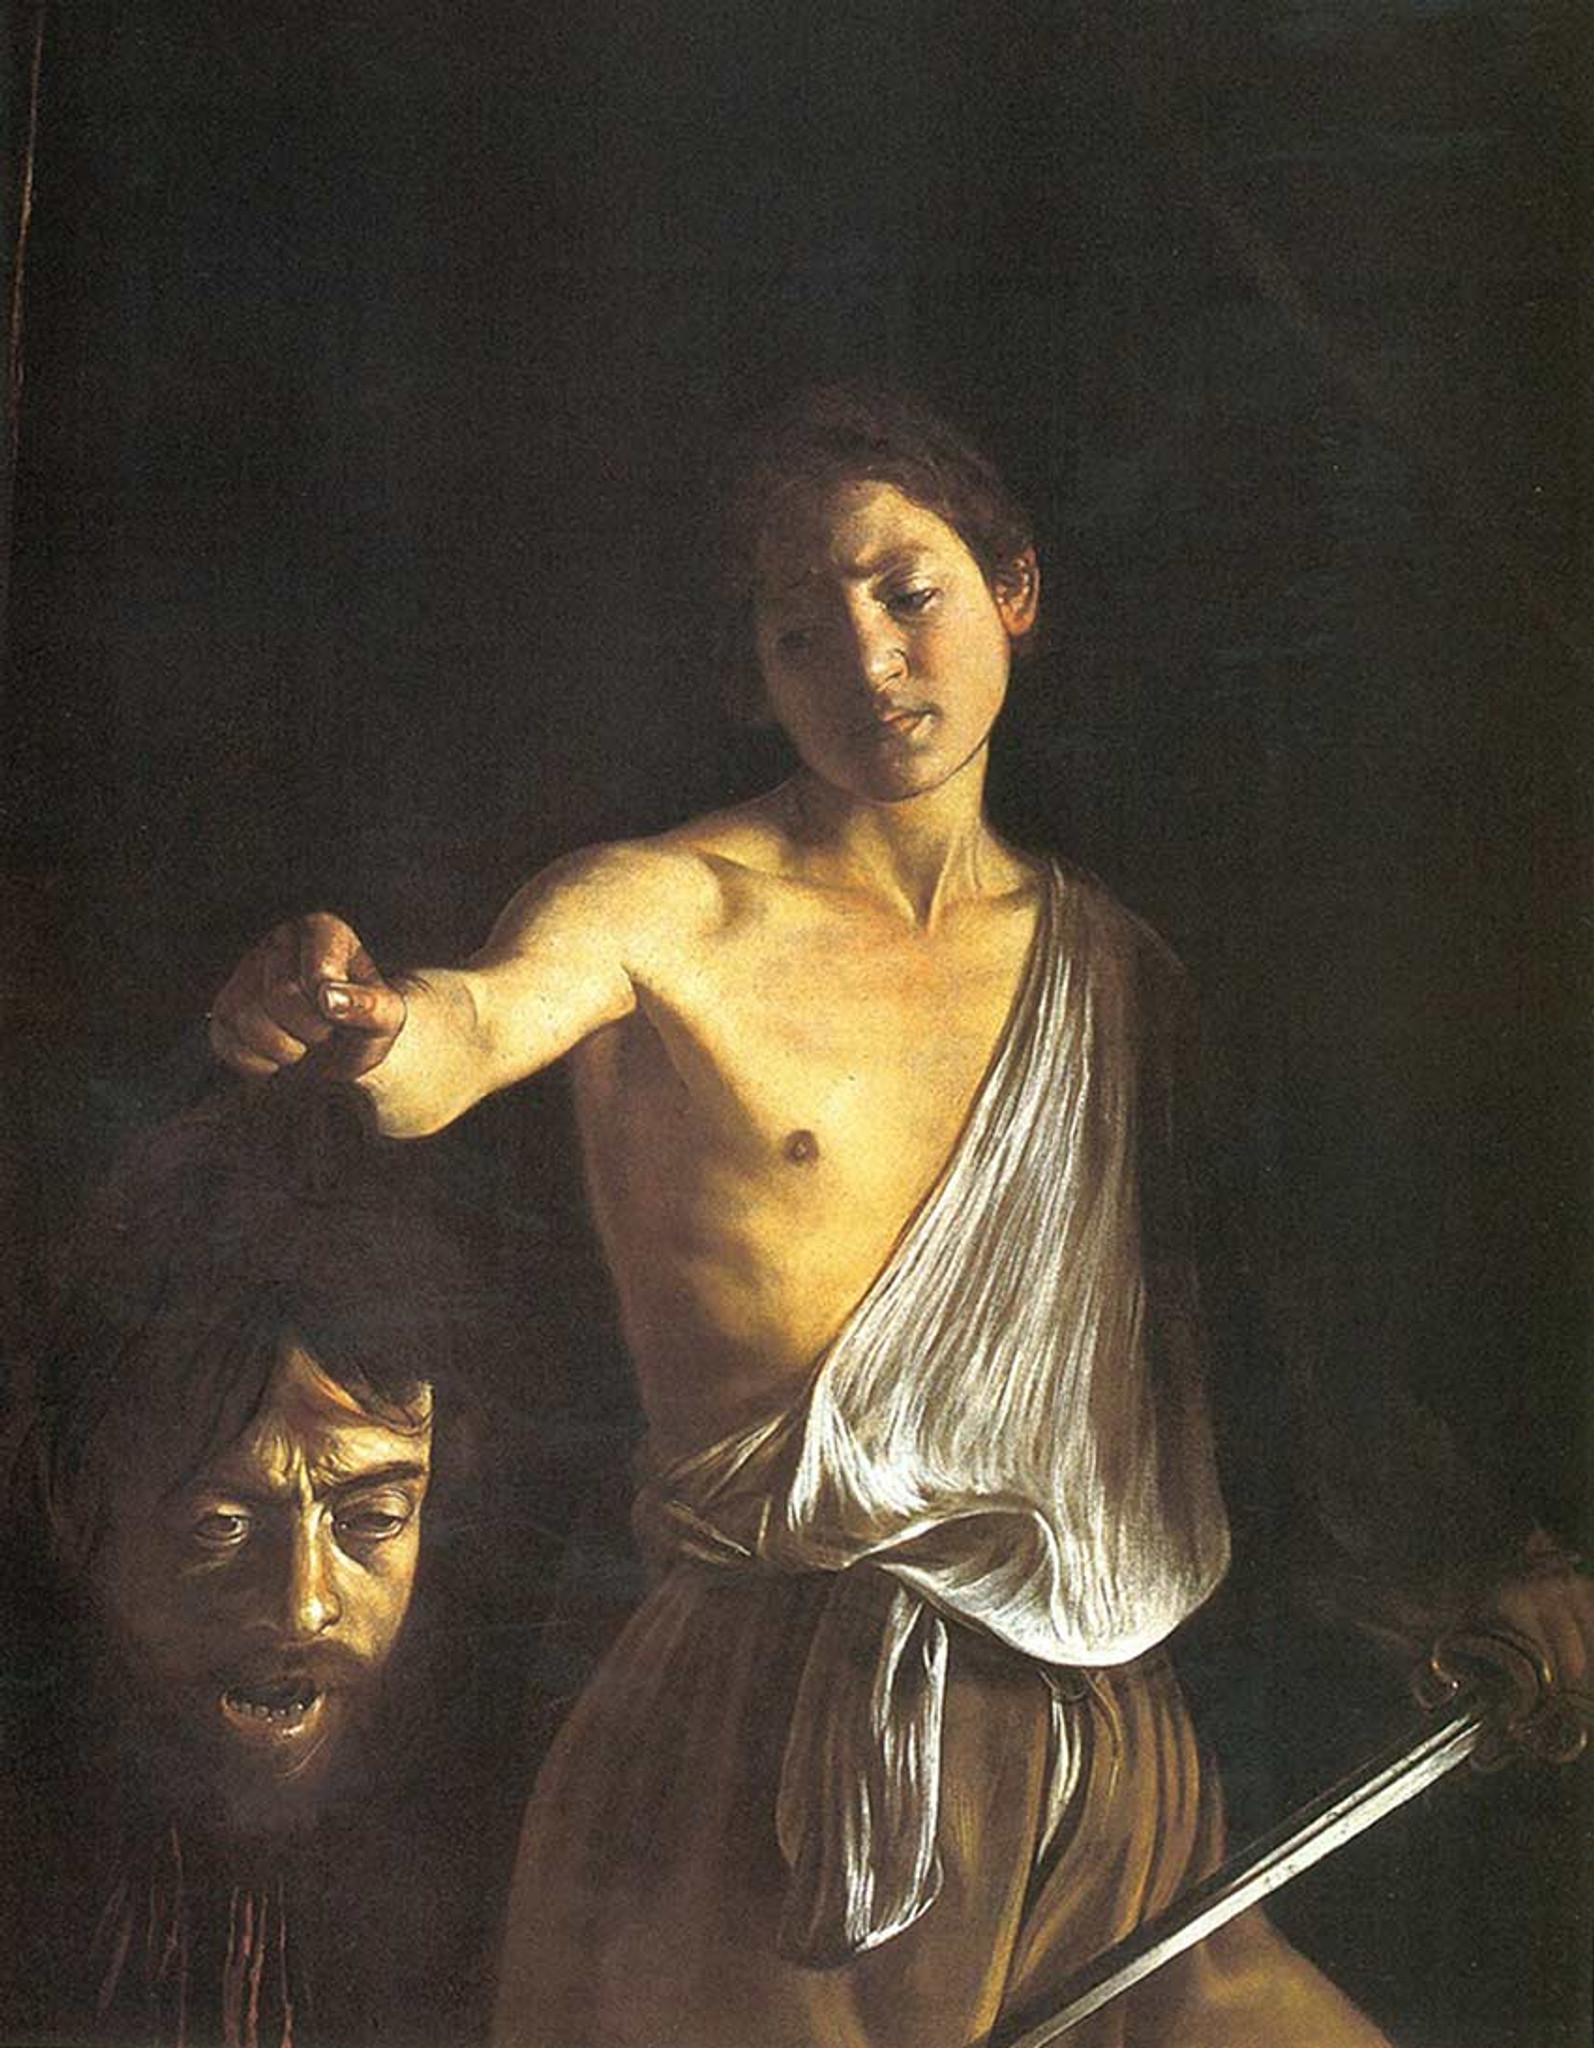 24x36 Caravaggio Art Poster Print David and Goliath II